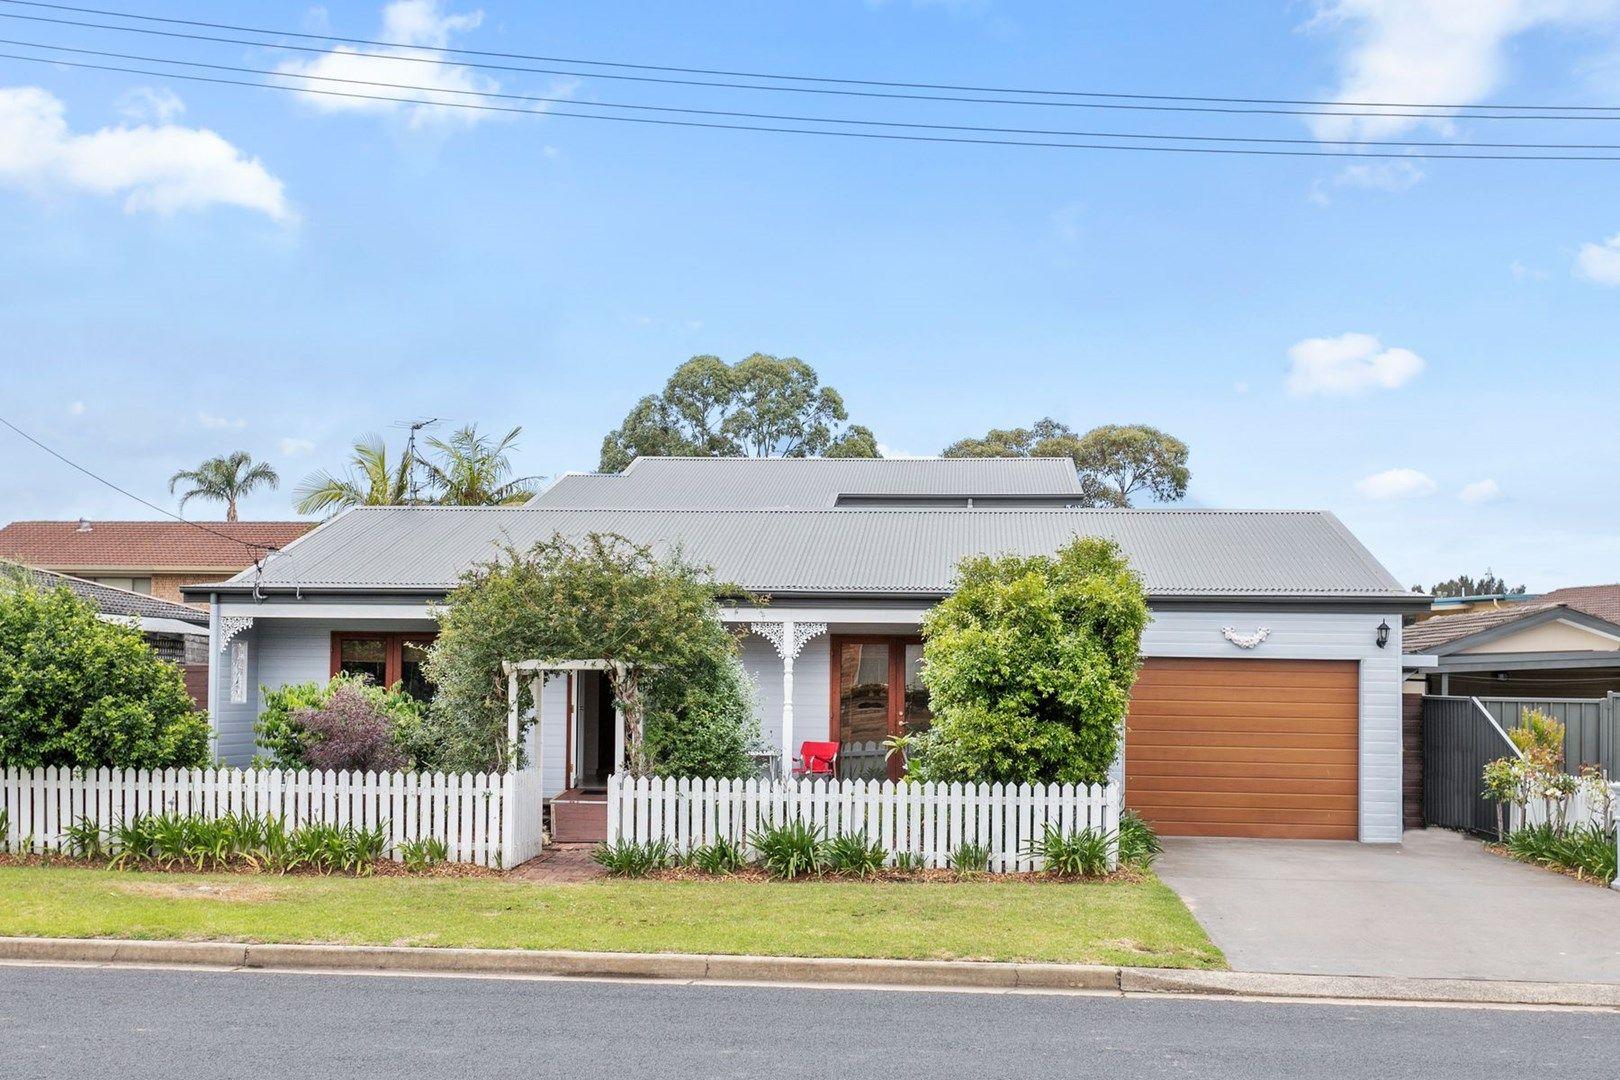 4 Marlin Avenue, Batemans Bay NSW 2536, Image 0